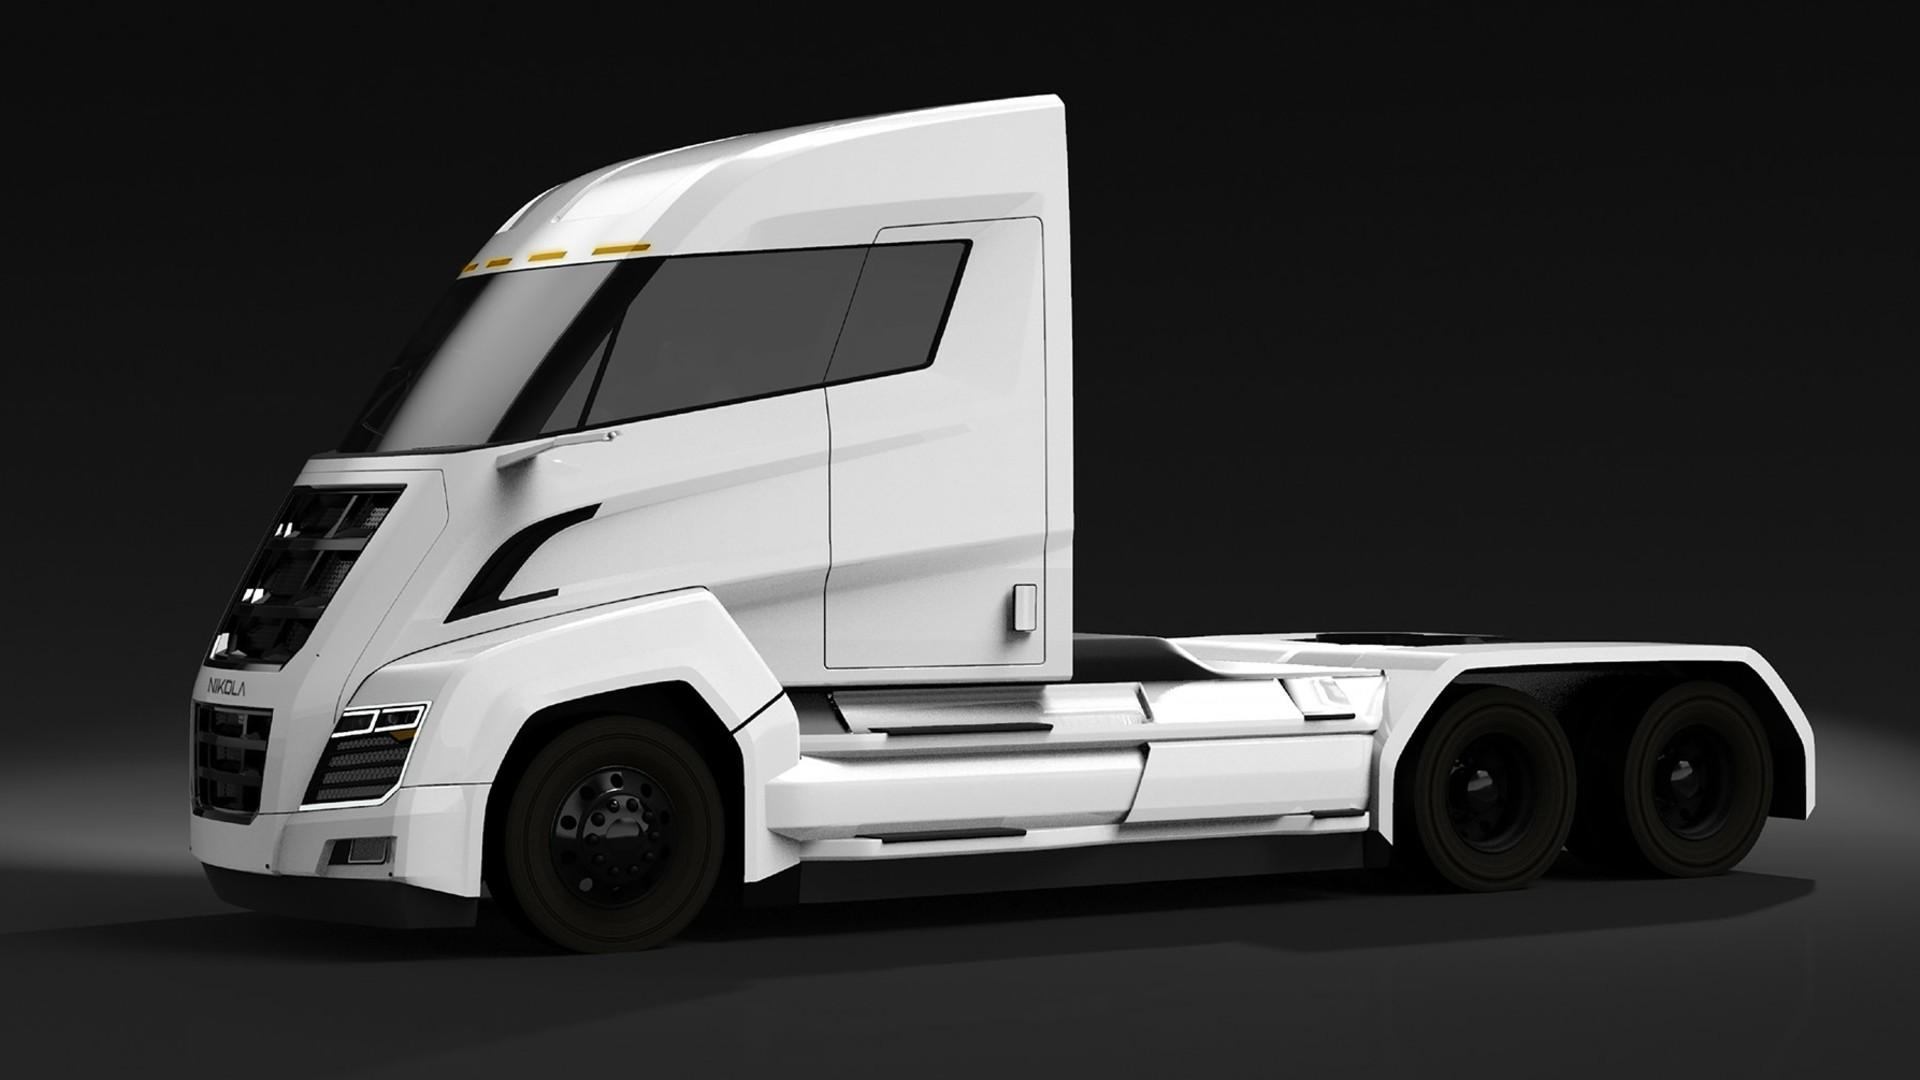 Nikola prezintă viitorul transportului rutier de marfă cu zero emisii